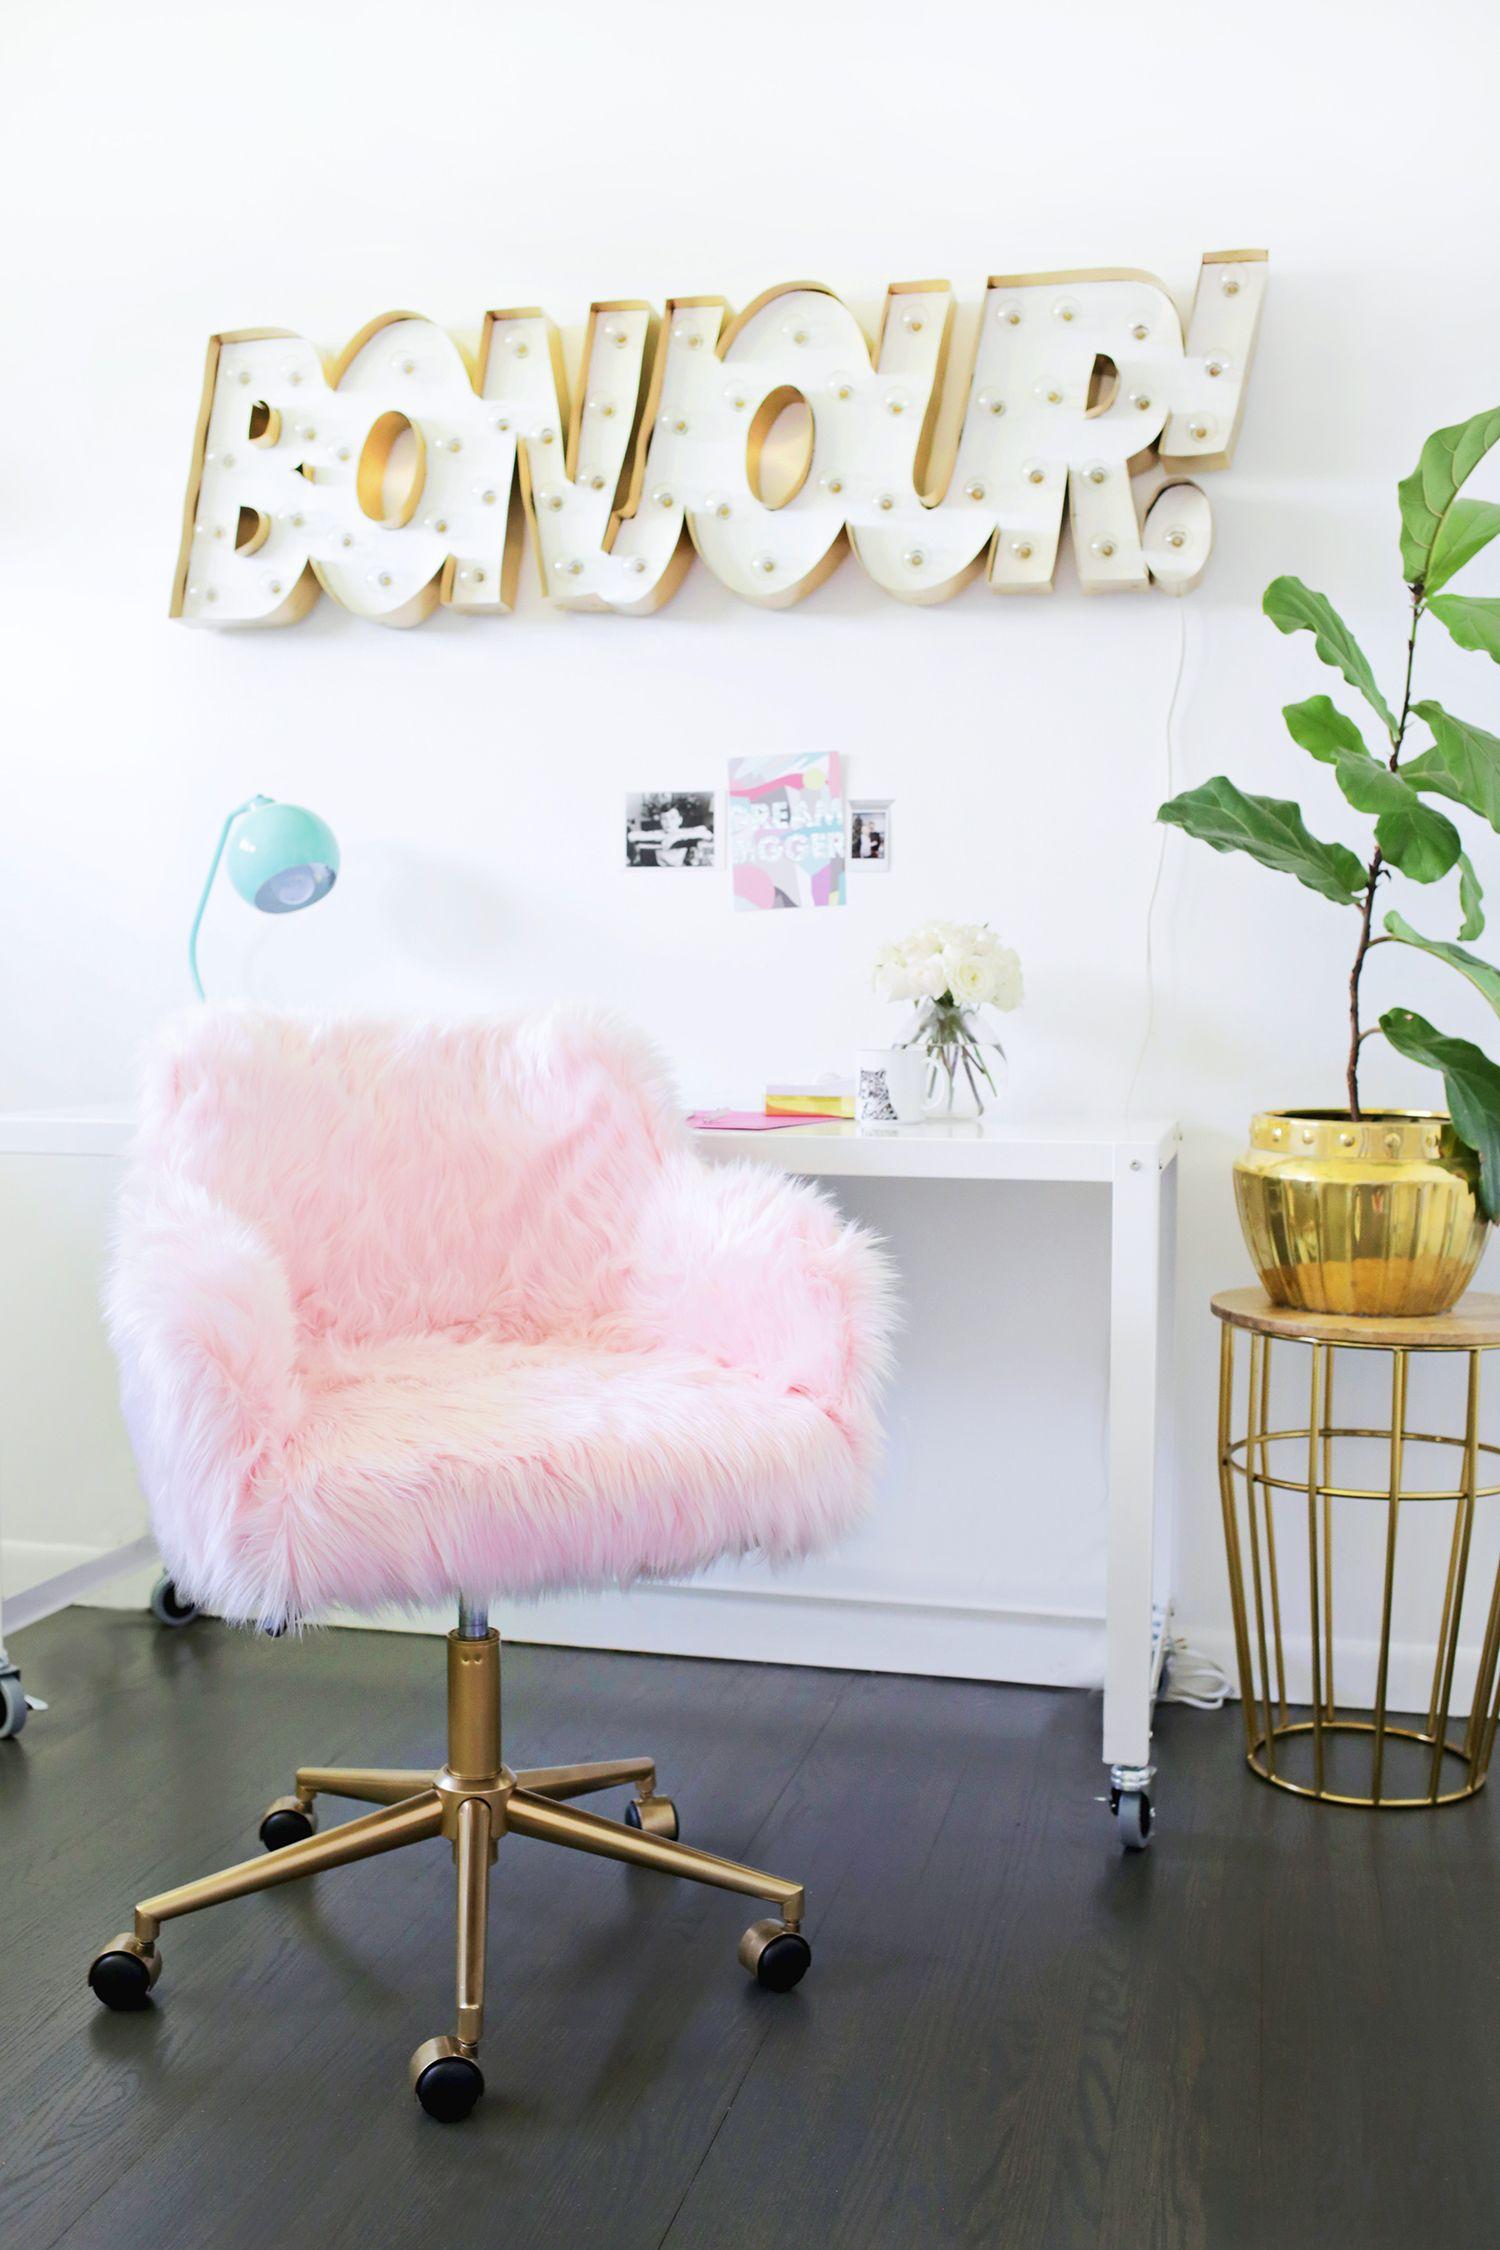 20 Mieterfreundliche Deko Ideen, Die Deine Wohnung Verzaubern   DIY  Bürosessel